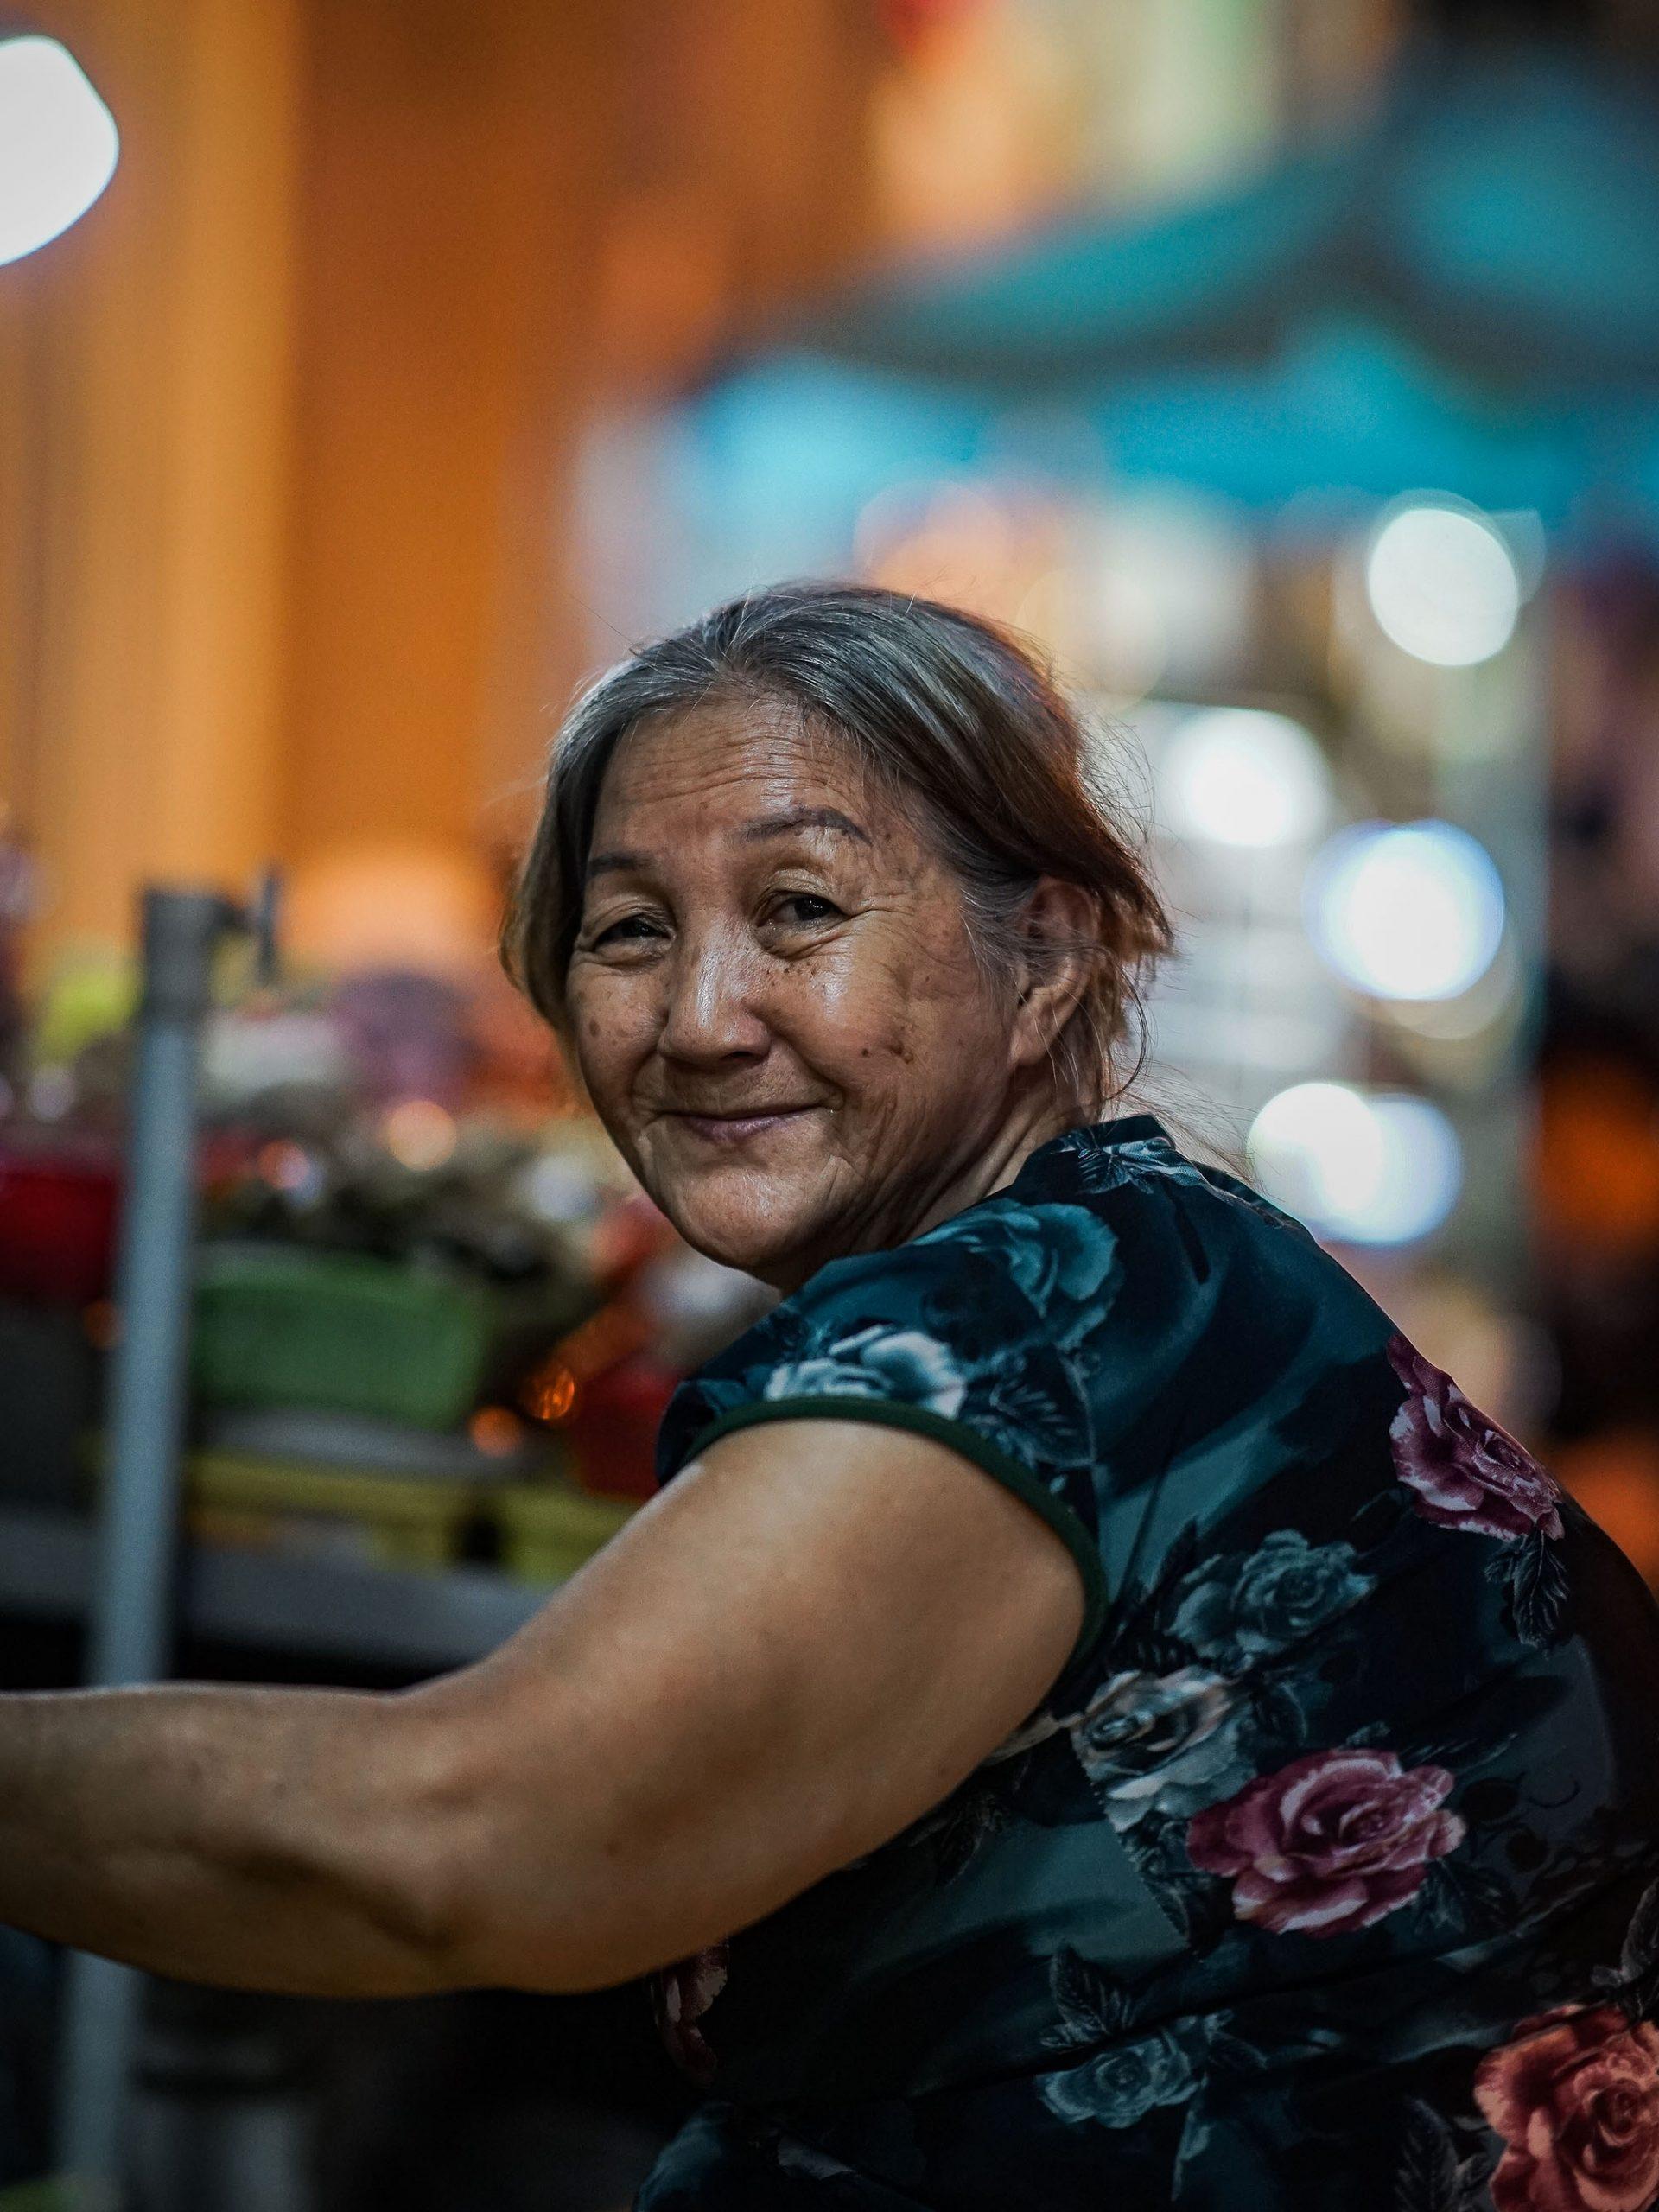 Sài Gòn cô chú bán hàng